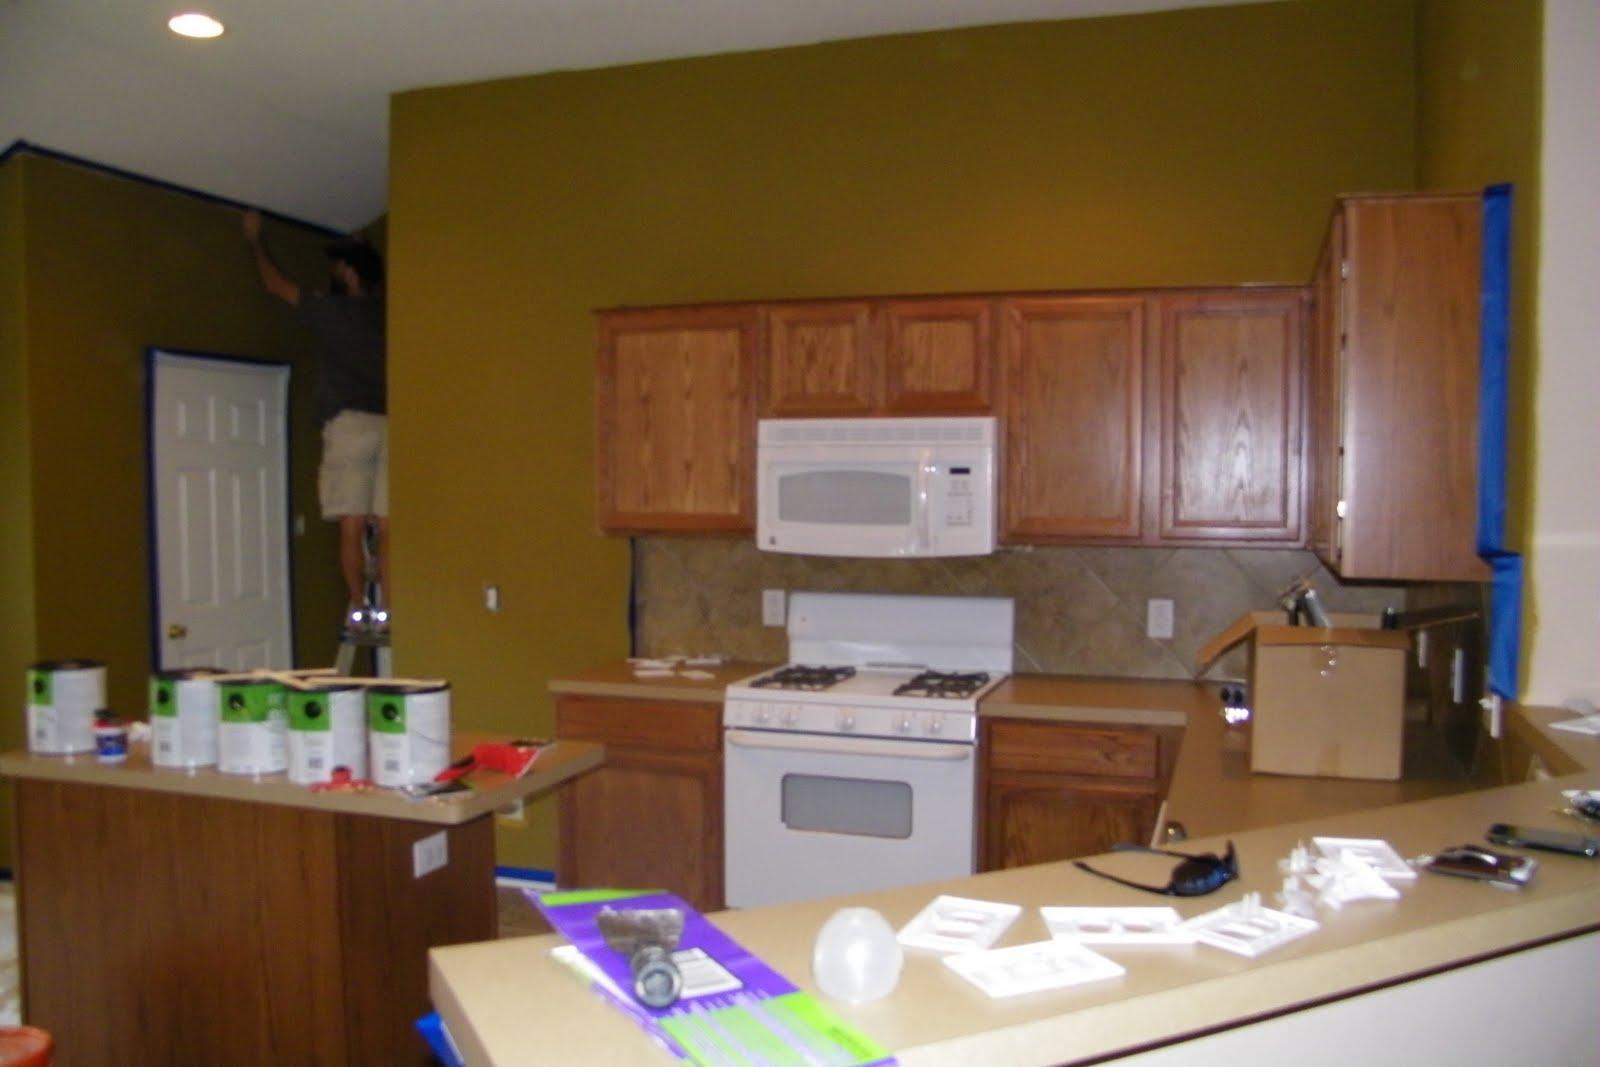 [BEFORE+kitchen.JPG]